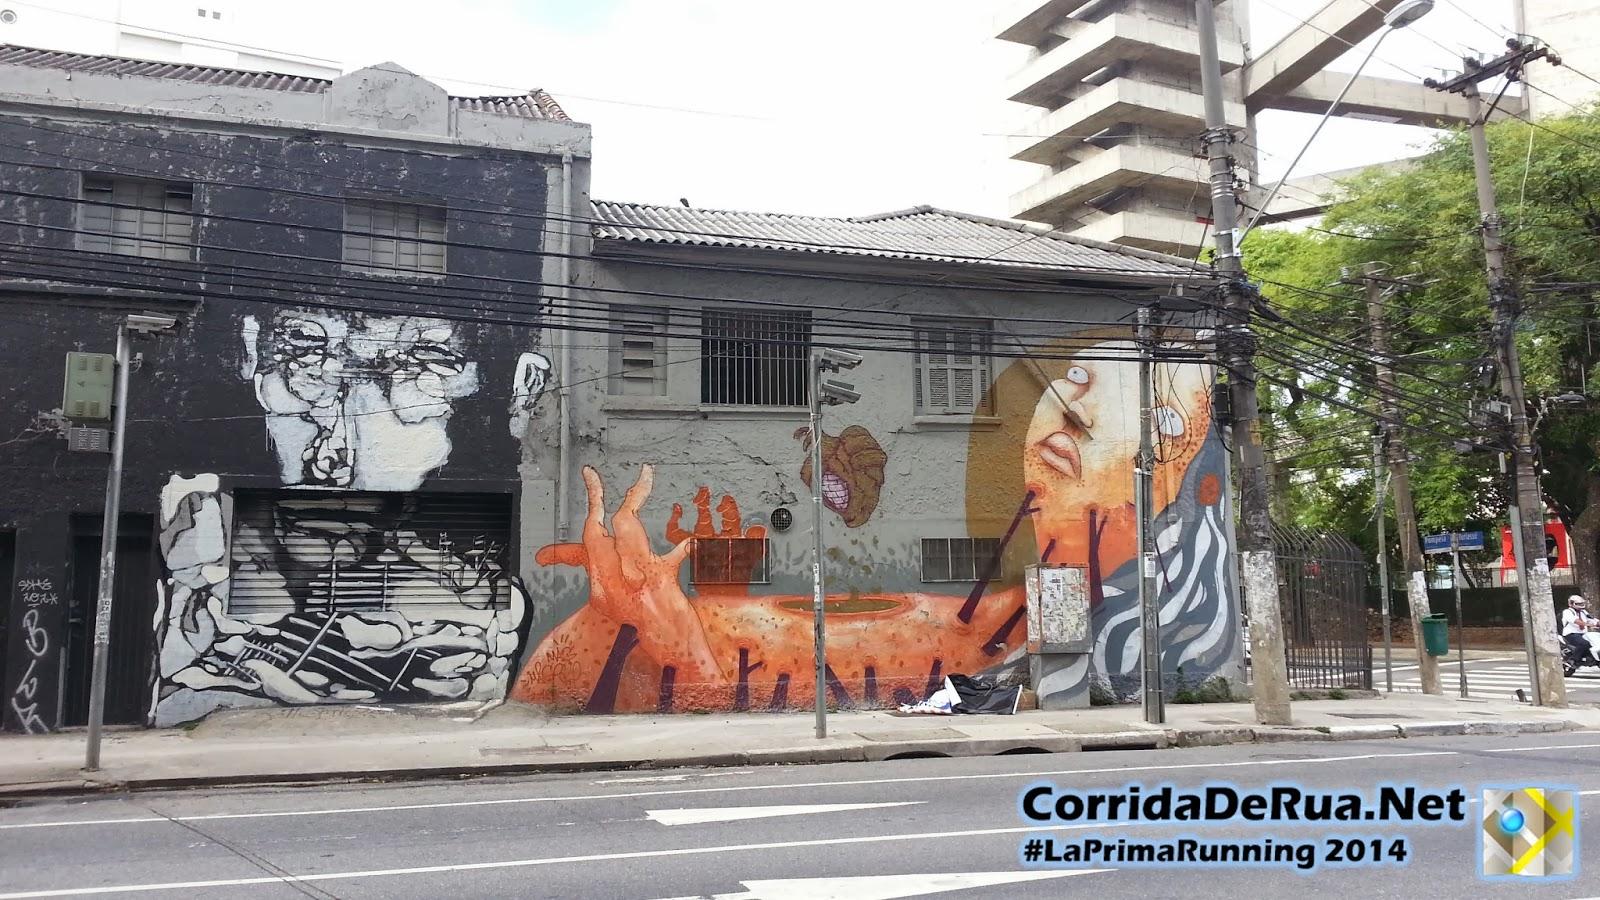 Grafite na Rua Tiriaçu - Corrida De Rua